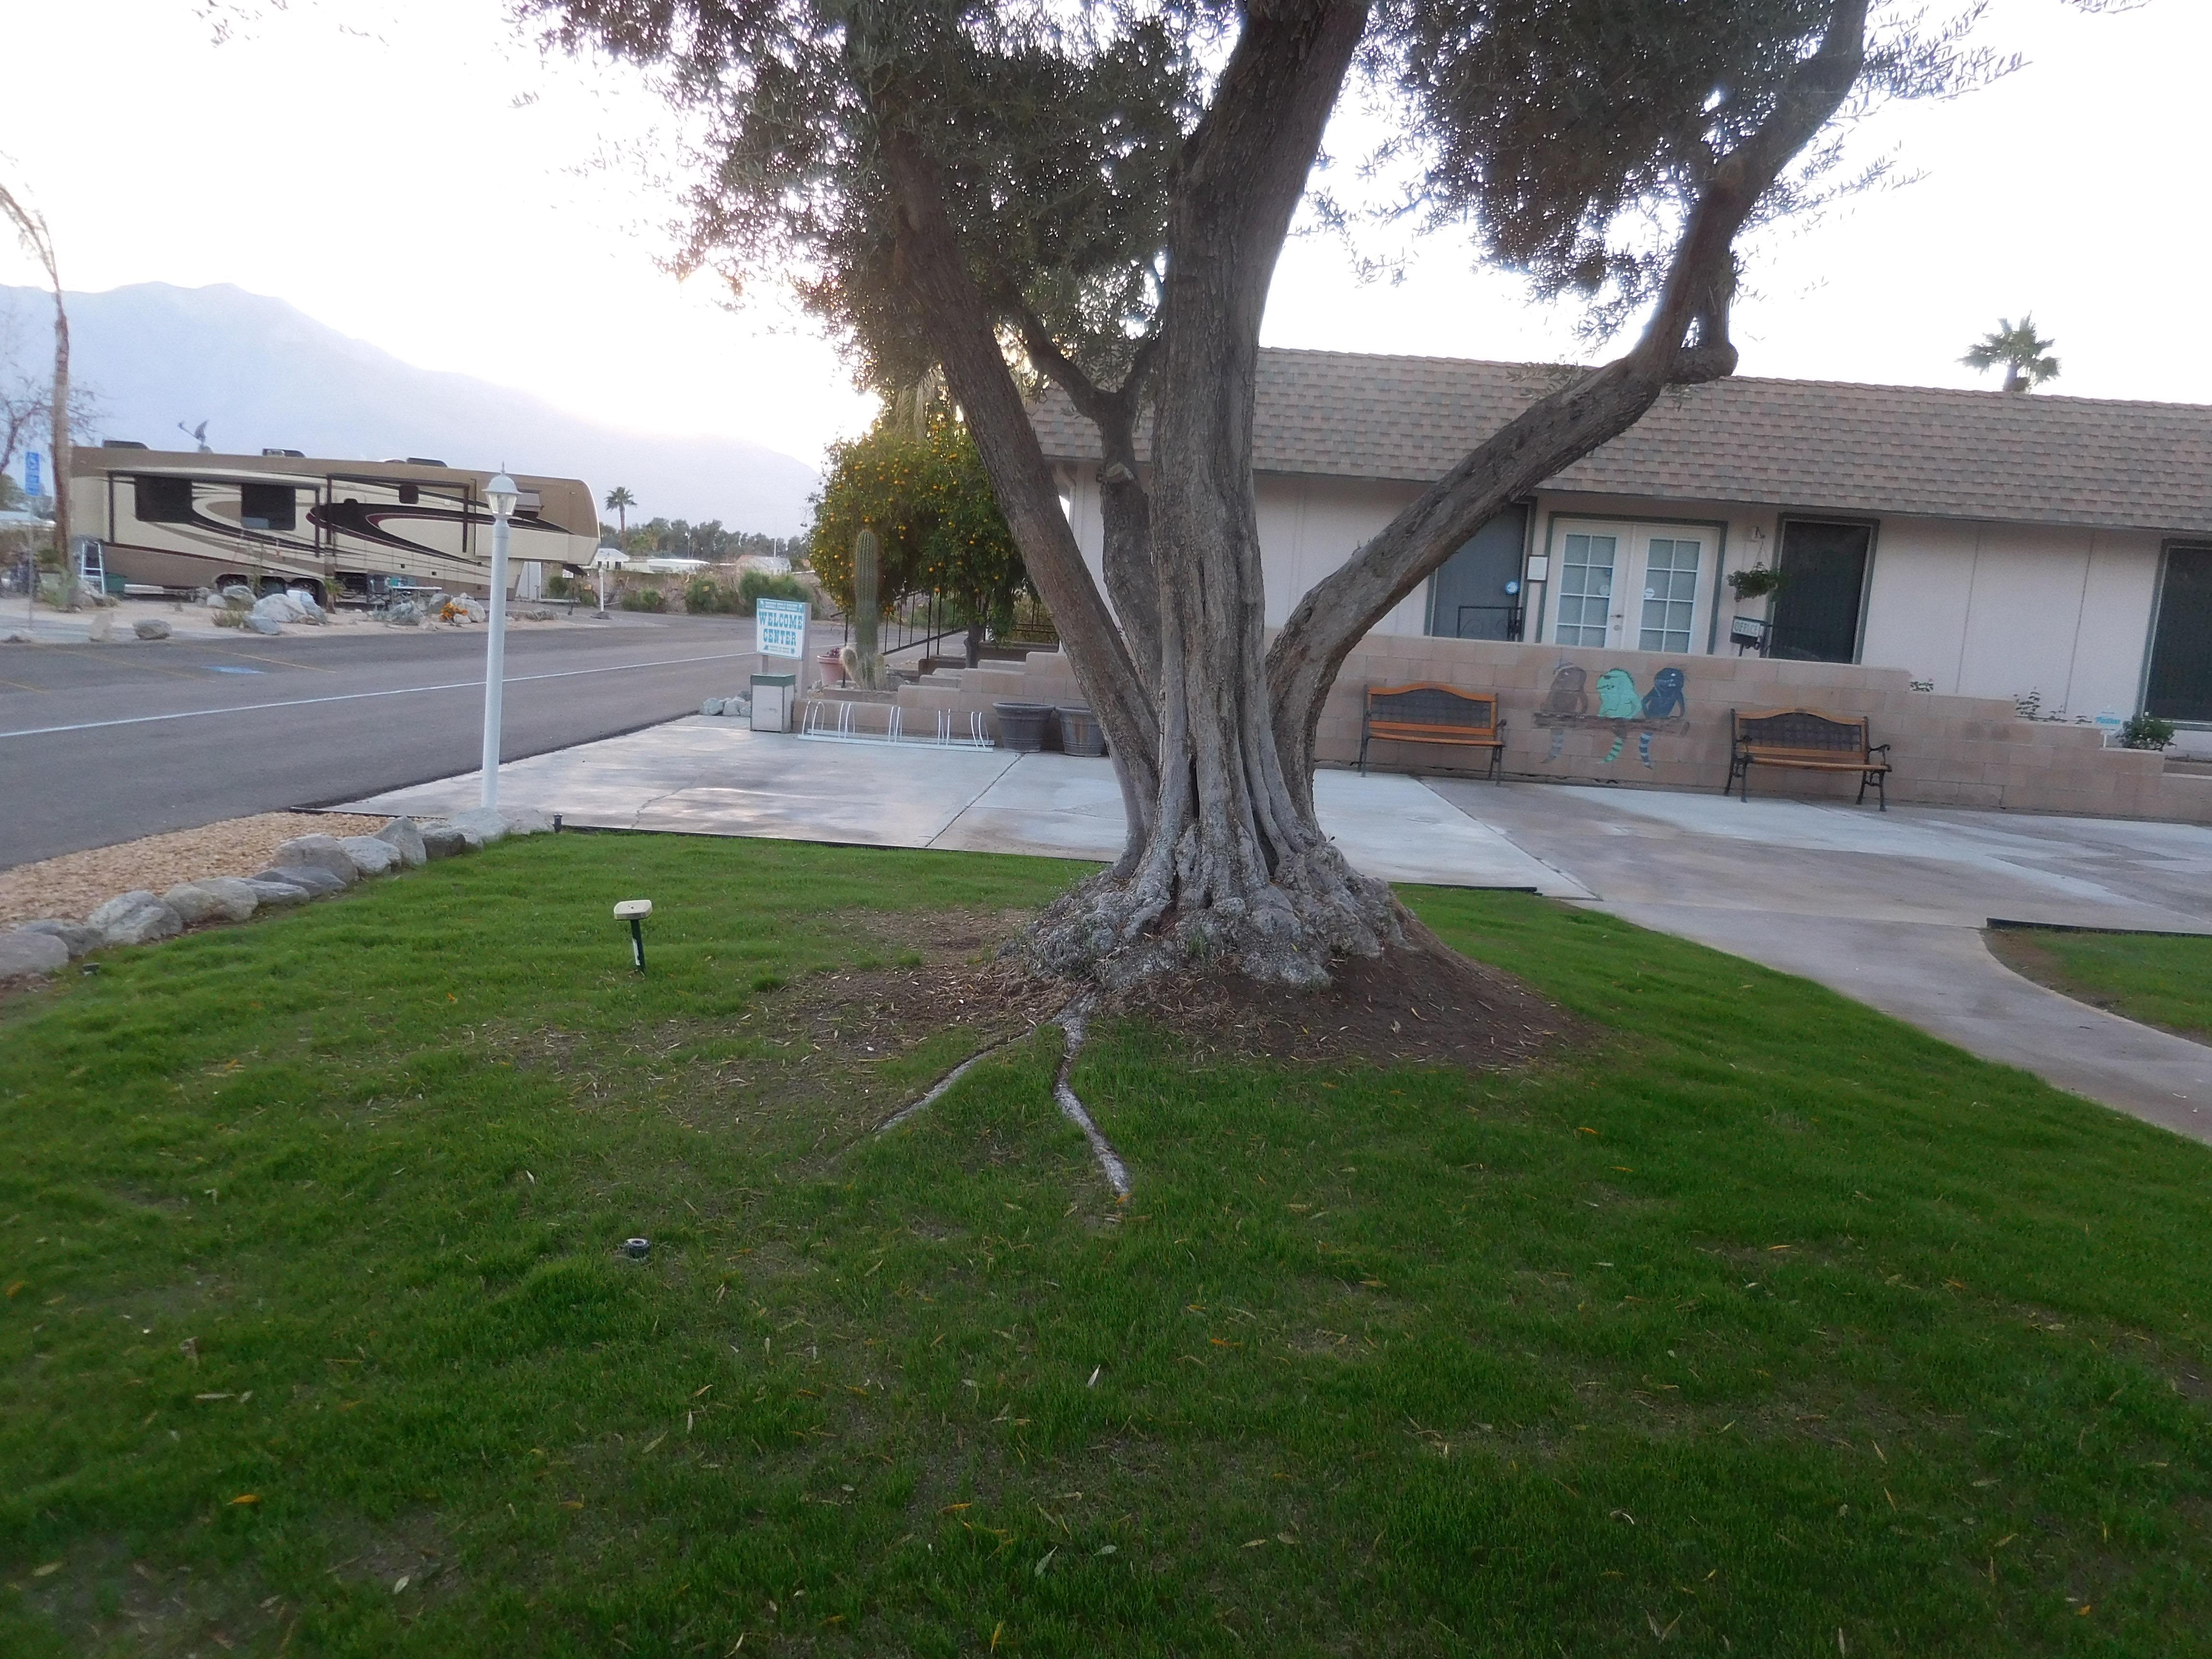 Palm Springs / Joshua Tree KOA image 10